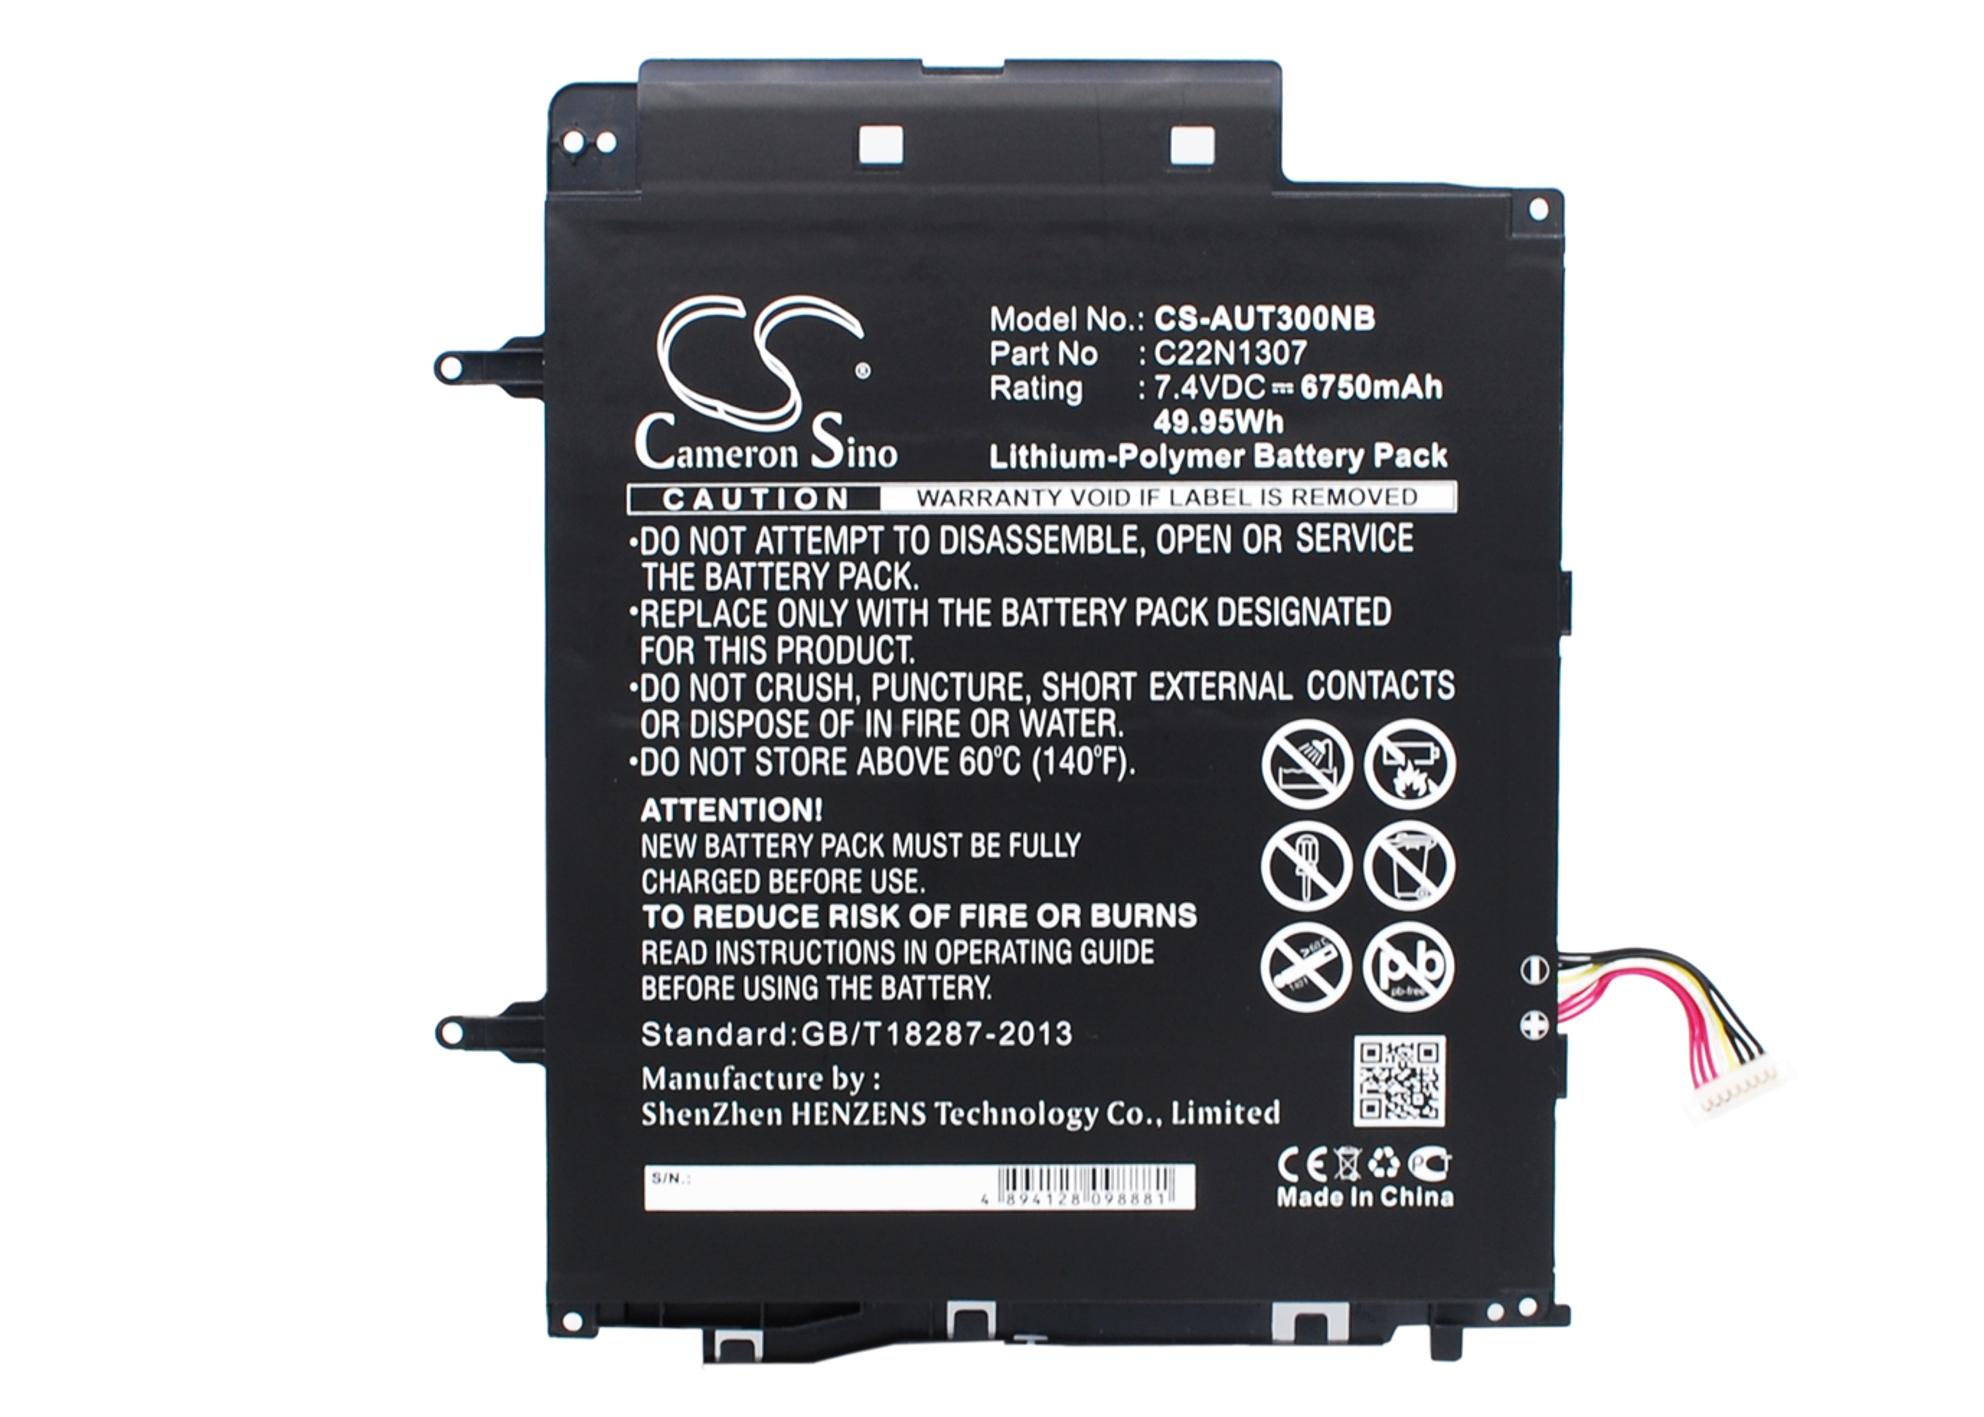 Cameron Sino baterie do notebooků pro ASUS T300LA-DH51T 7.4V Li-Polymer 6750mAh černá - neoriginální